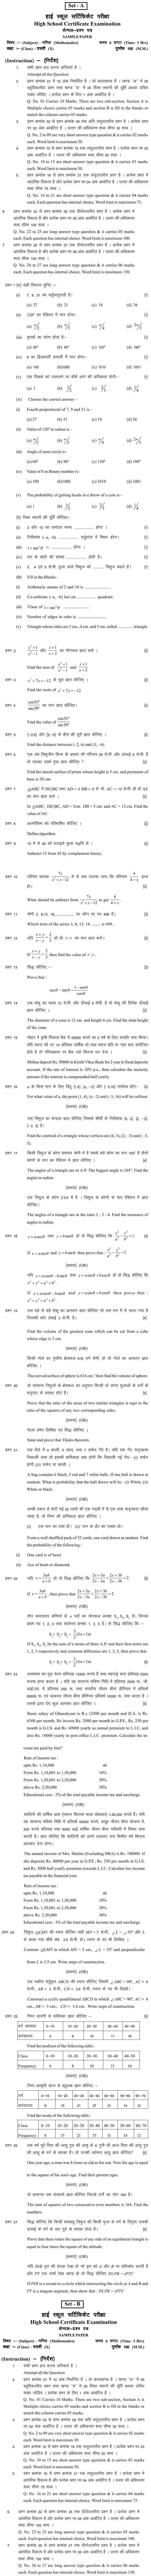 Chattisgarh Board Class 10 Mathematics Sample Paper